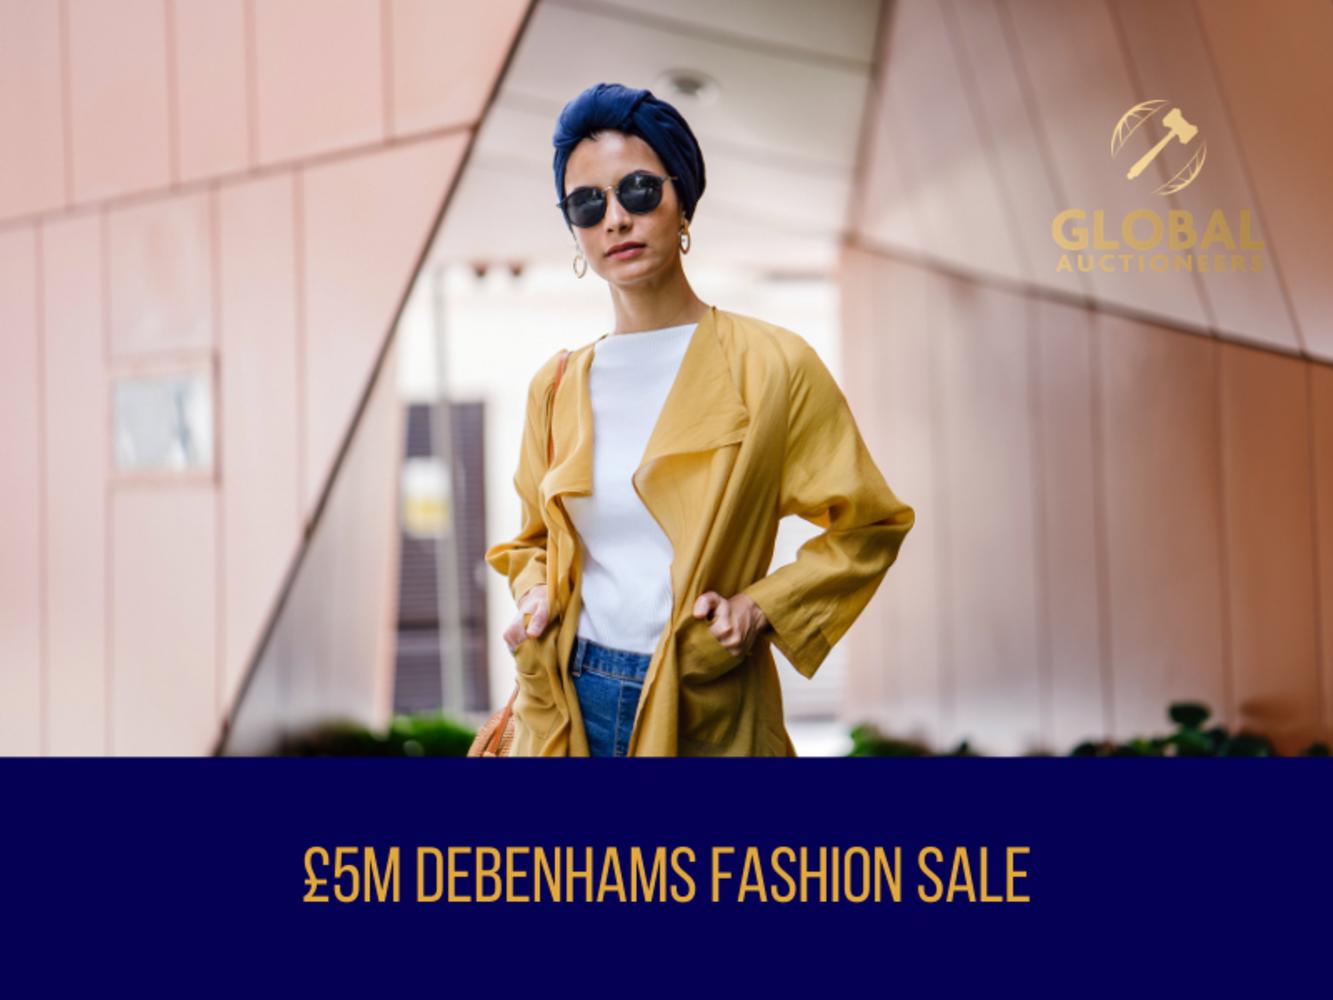 The £5m Debenhams Mega Fashion Sale - 2nd April 2021